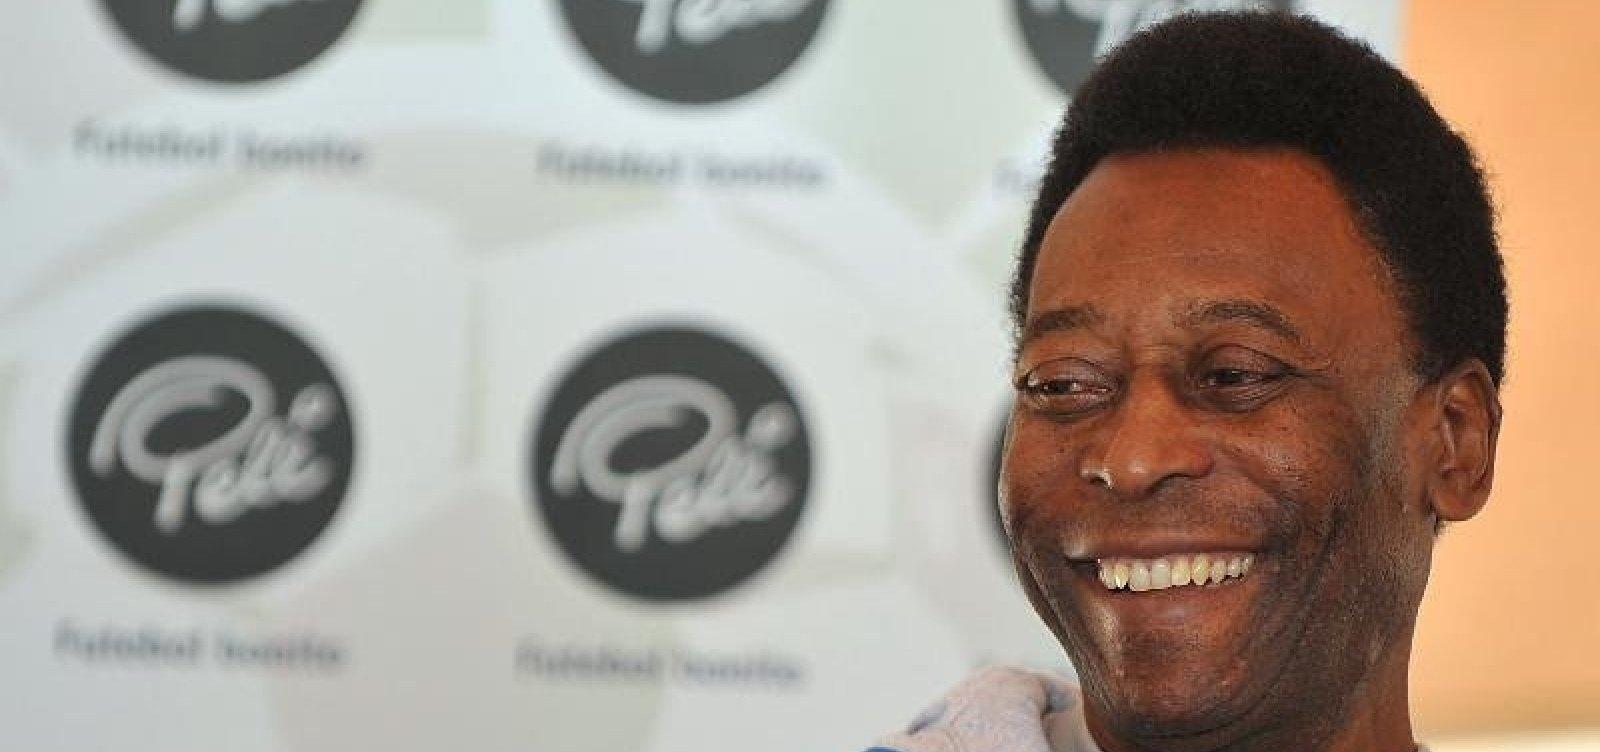 Pelé apresenta evolução satisfatória após cirurgia, diz boletim médico